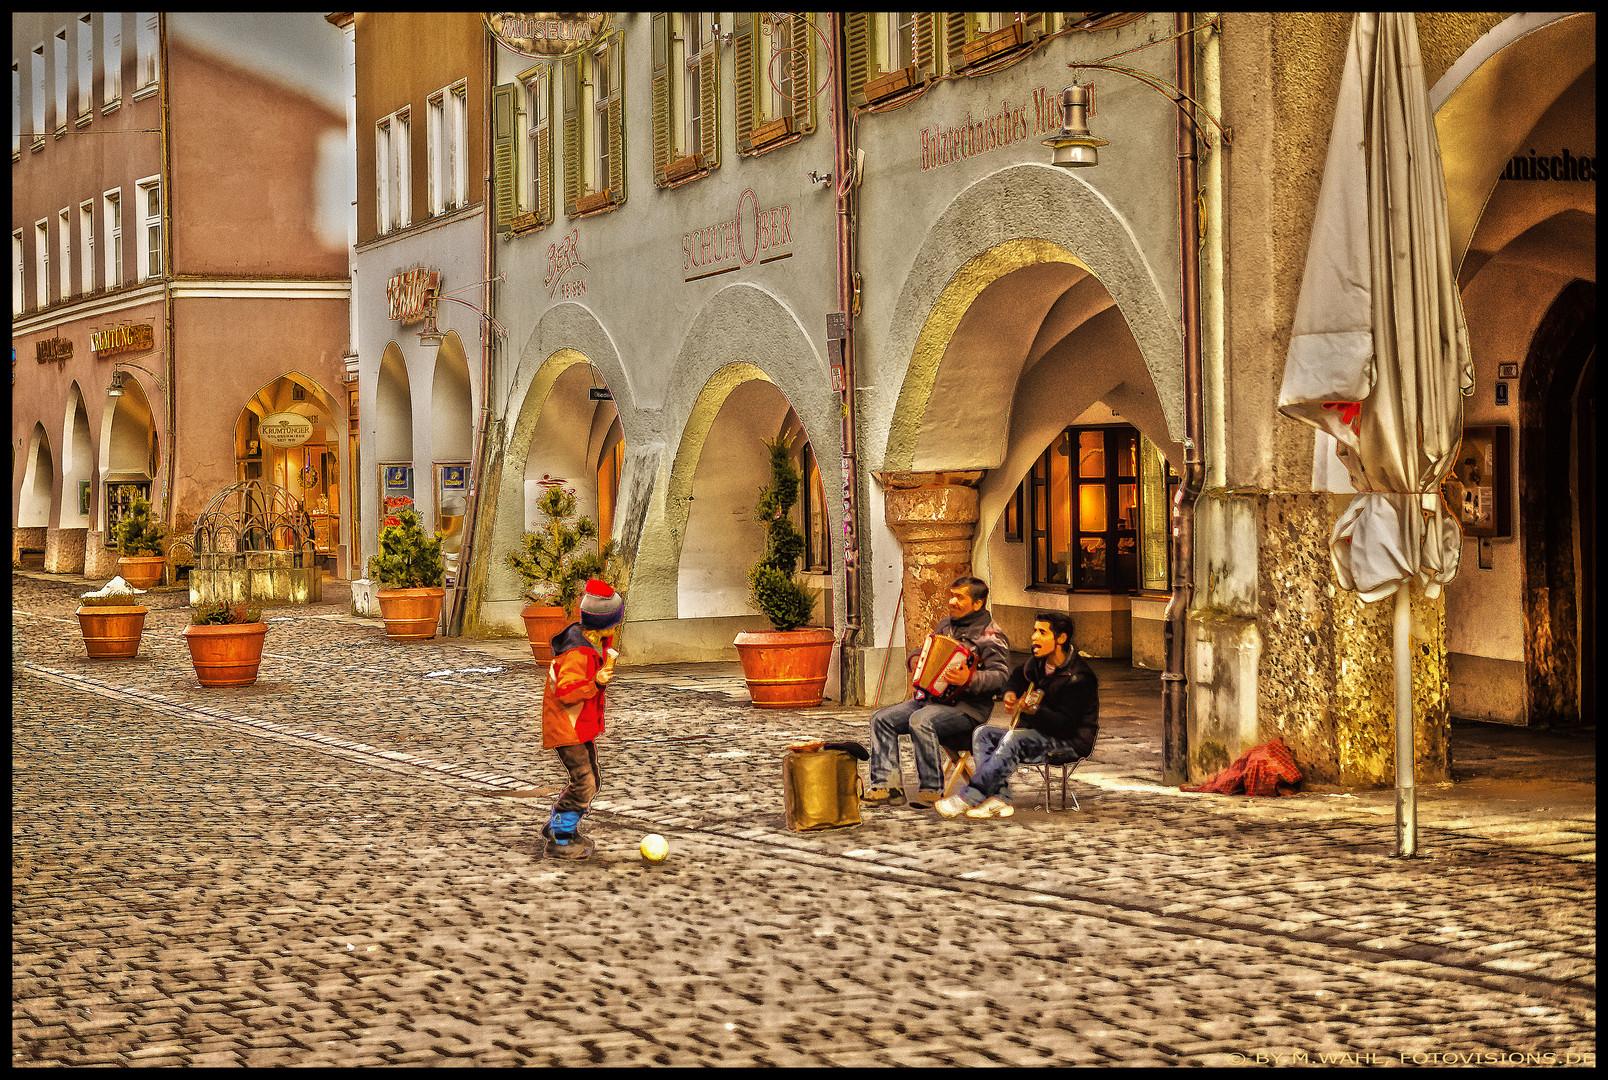 Magische Momente Teil 3 - ... von Gauklern und Musikanten ....